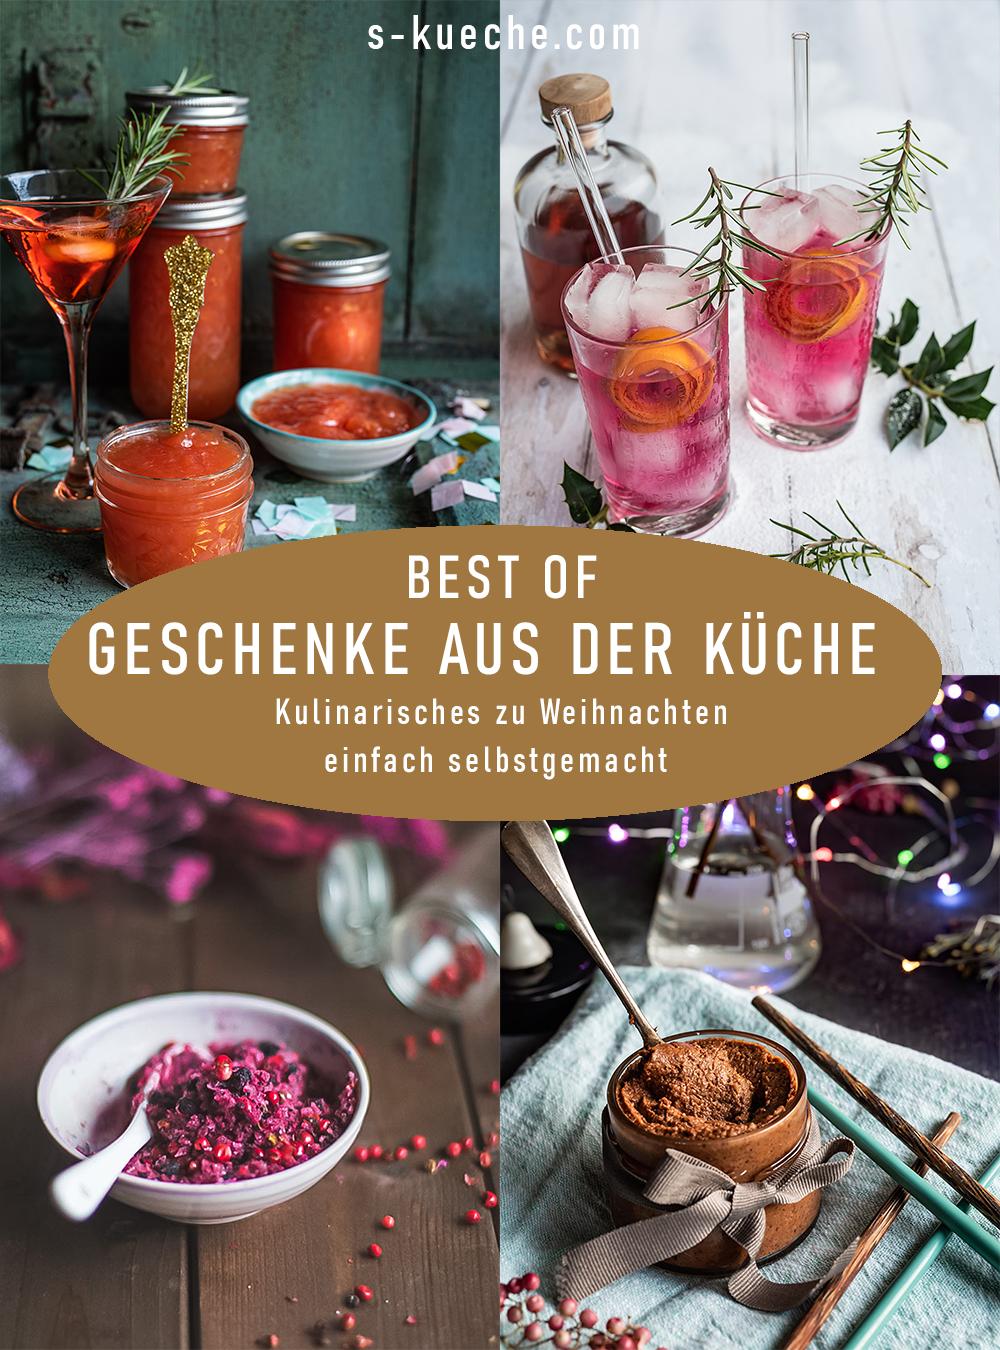 Best of Geschenke aus der Küche - Kulinarische zu Weihnachten ganz einfach selbstgemacht und mit Liebe verschenkt.